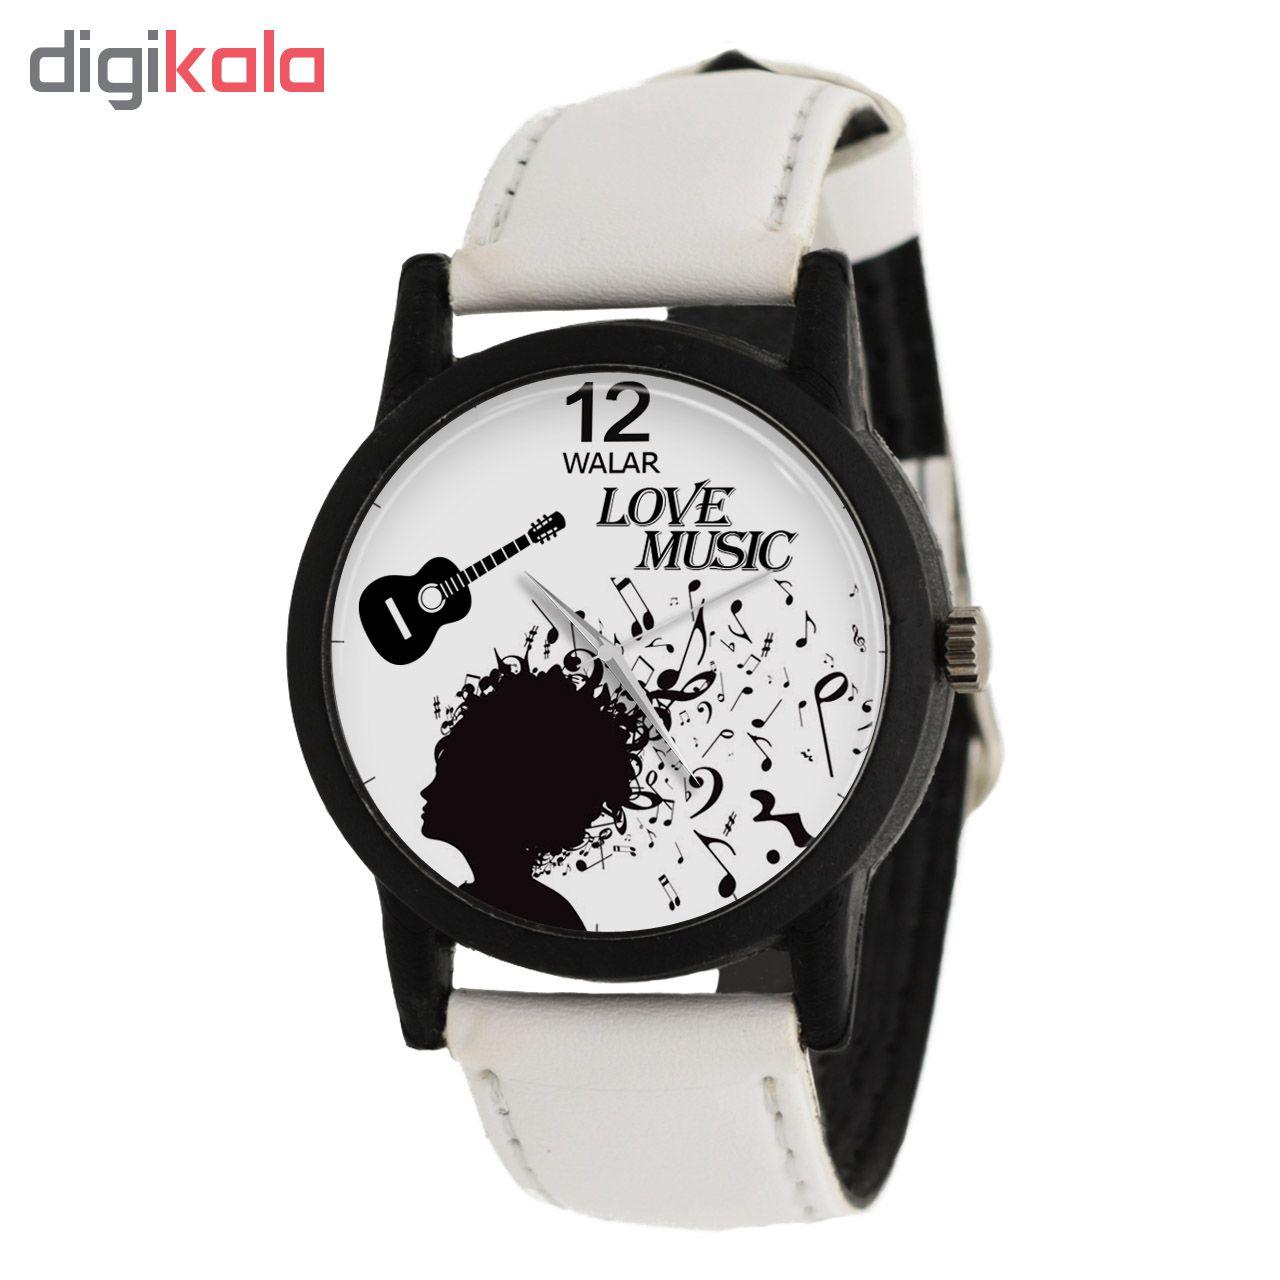 ساعت مچی عقربه ای والار طرح موسیقی مدل LF1456              ارزان